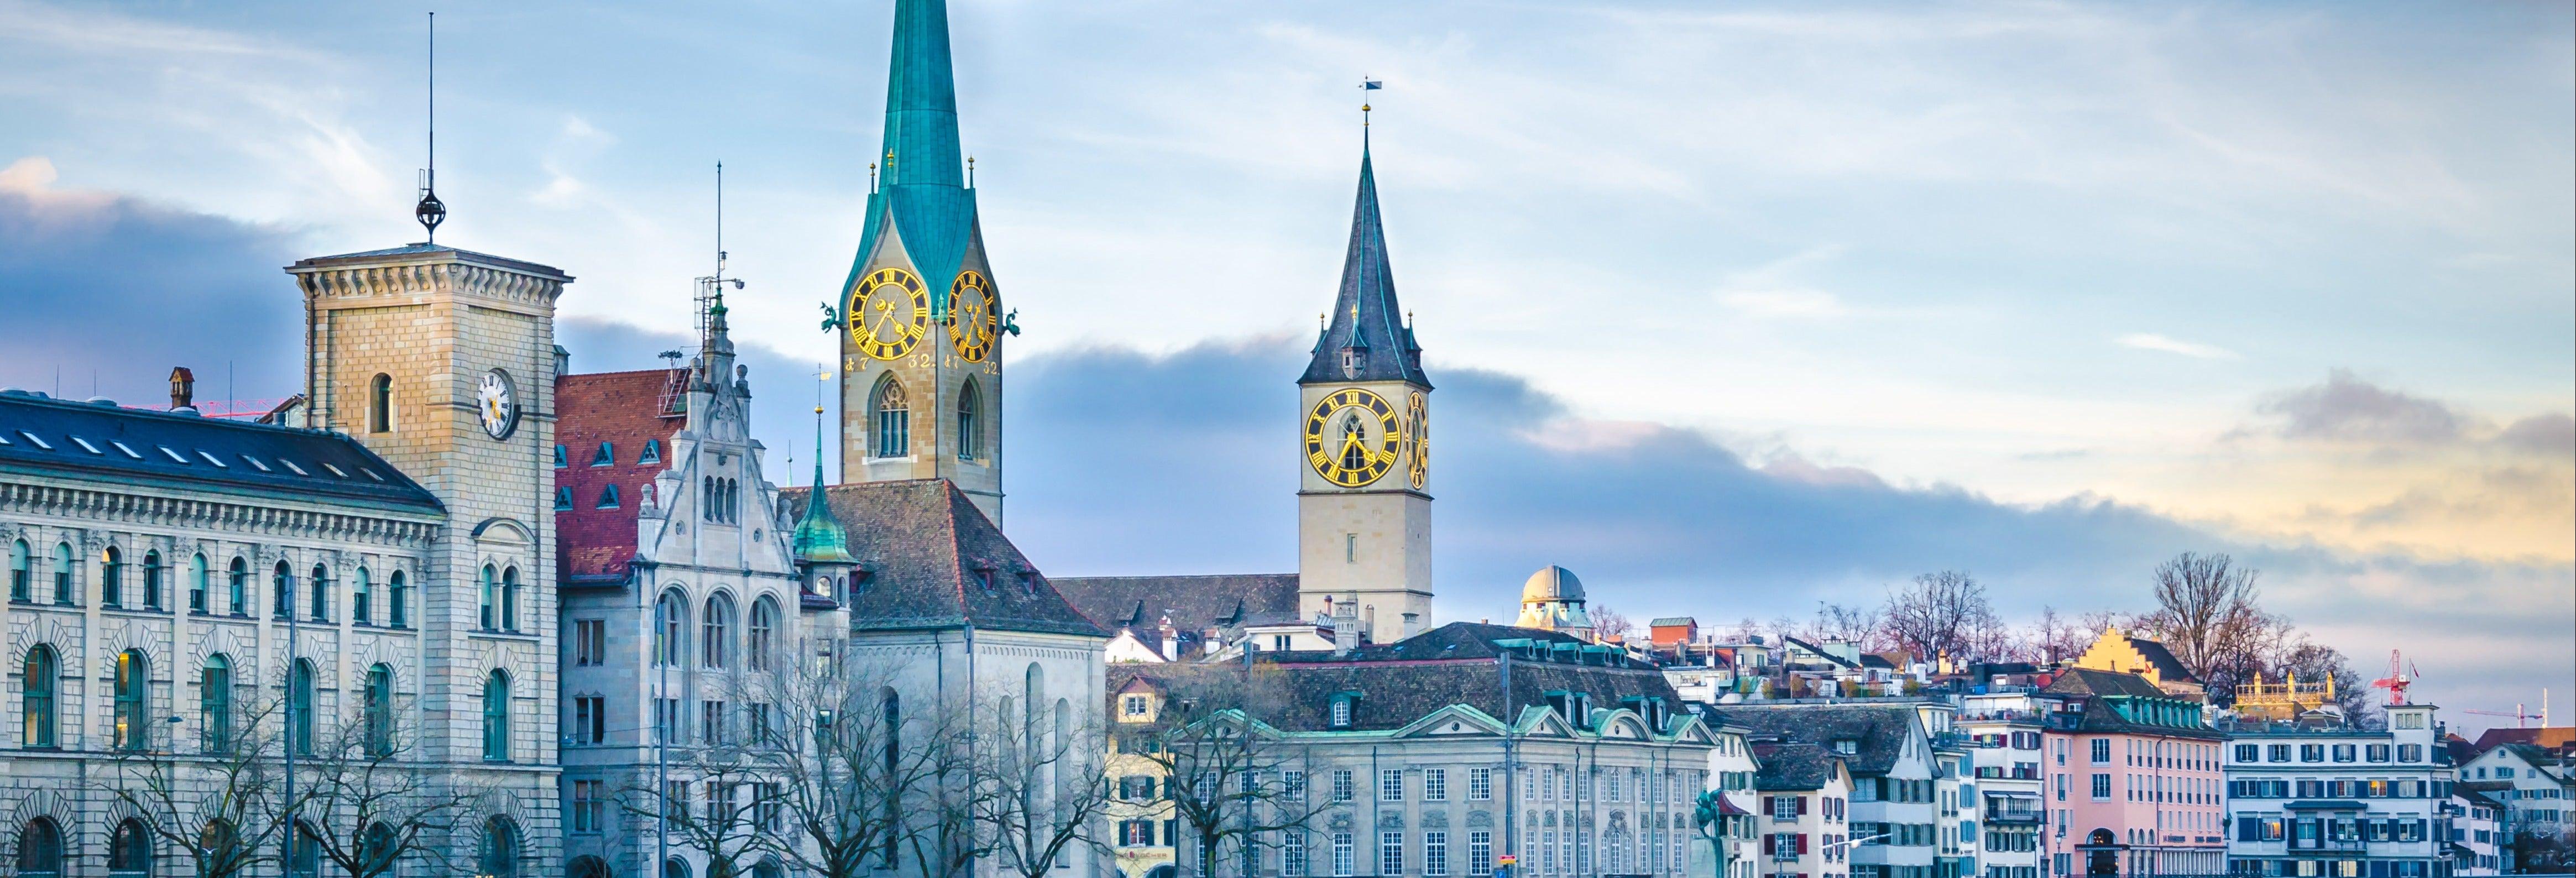 Tour de Zúrich al completo